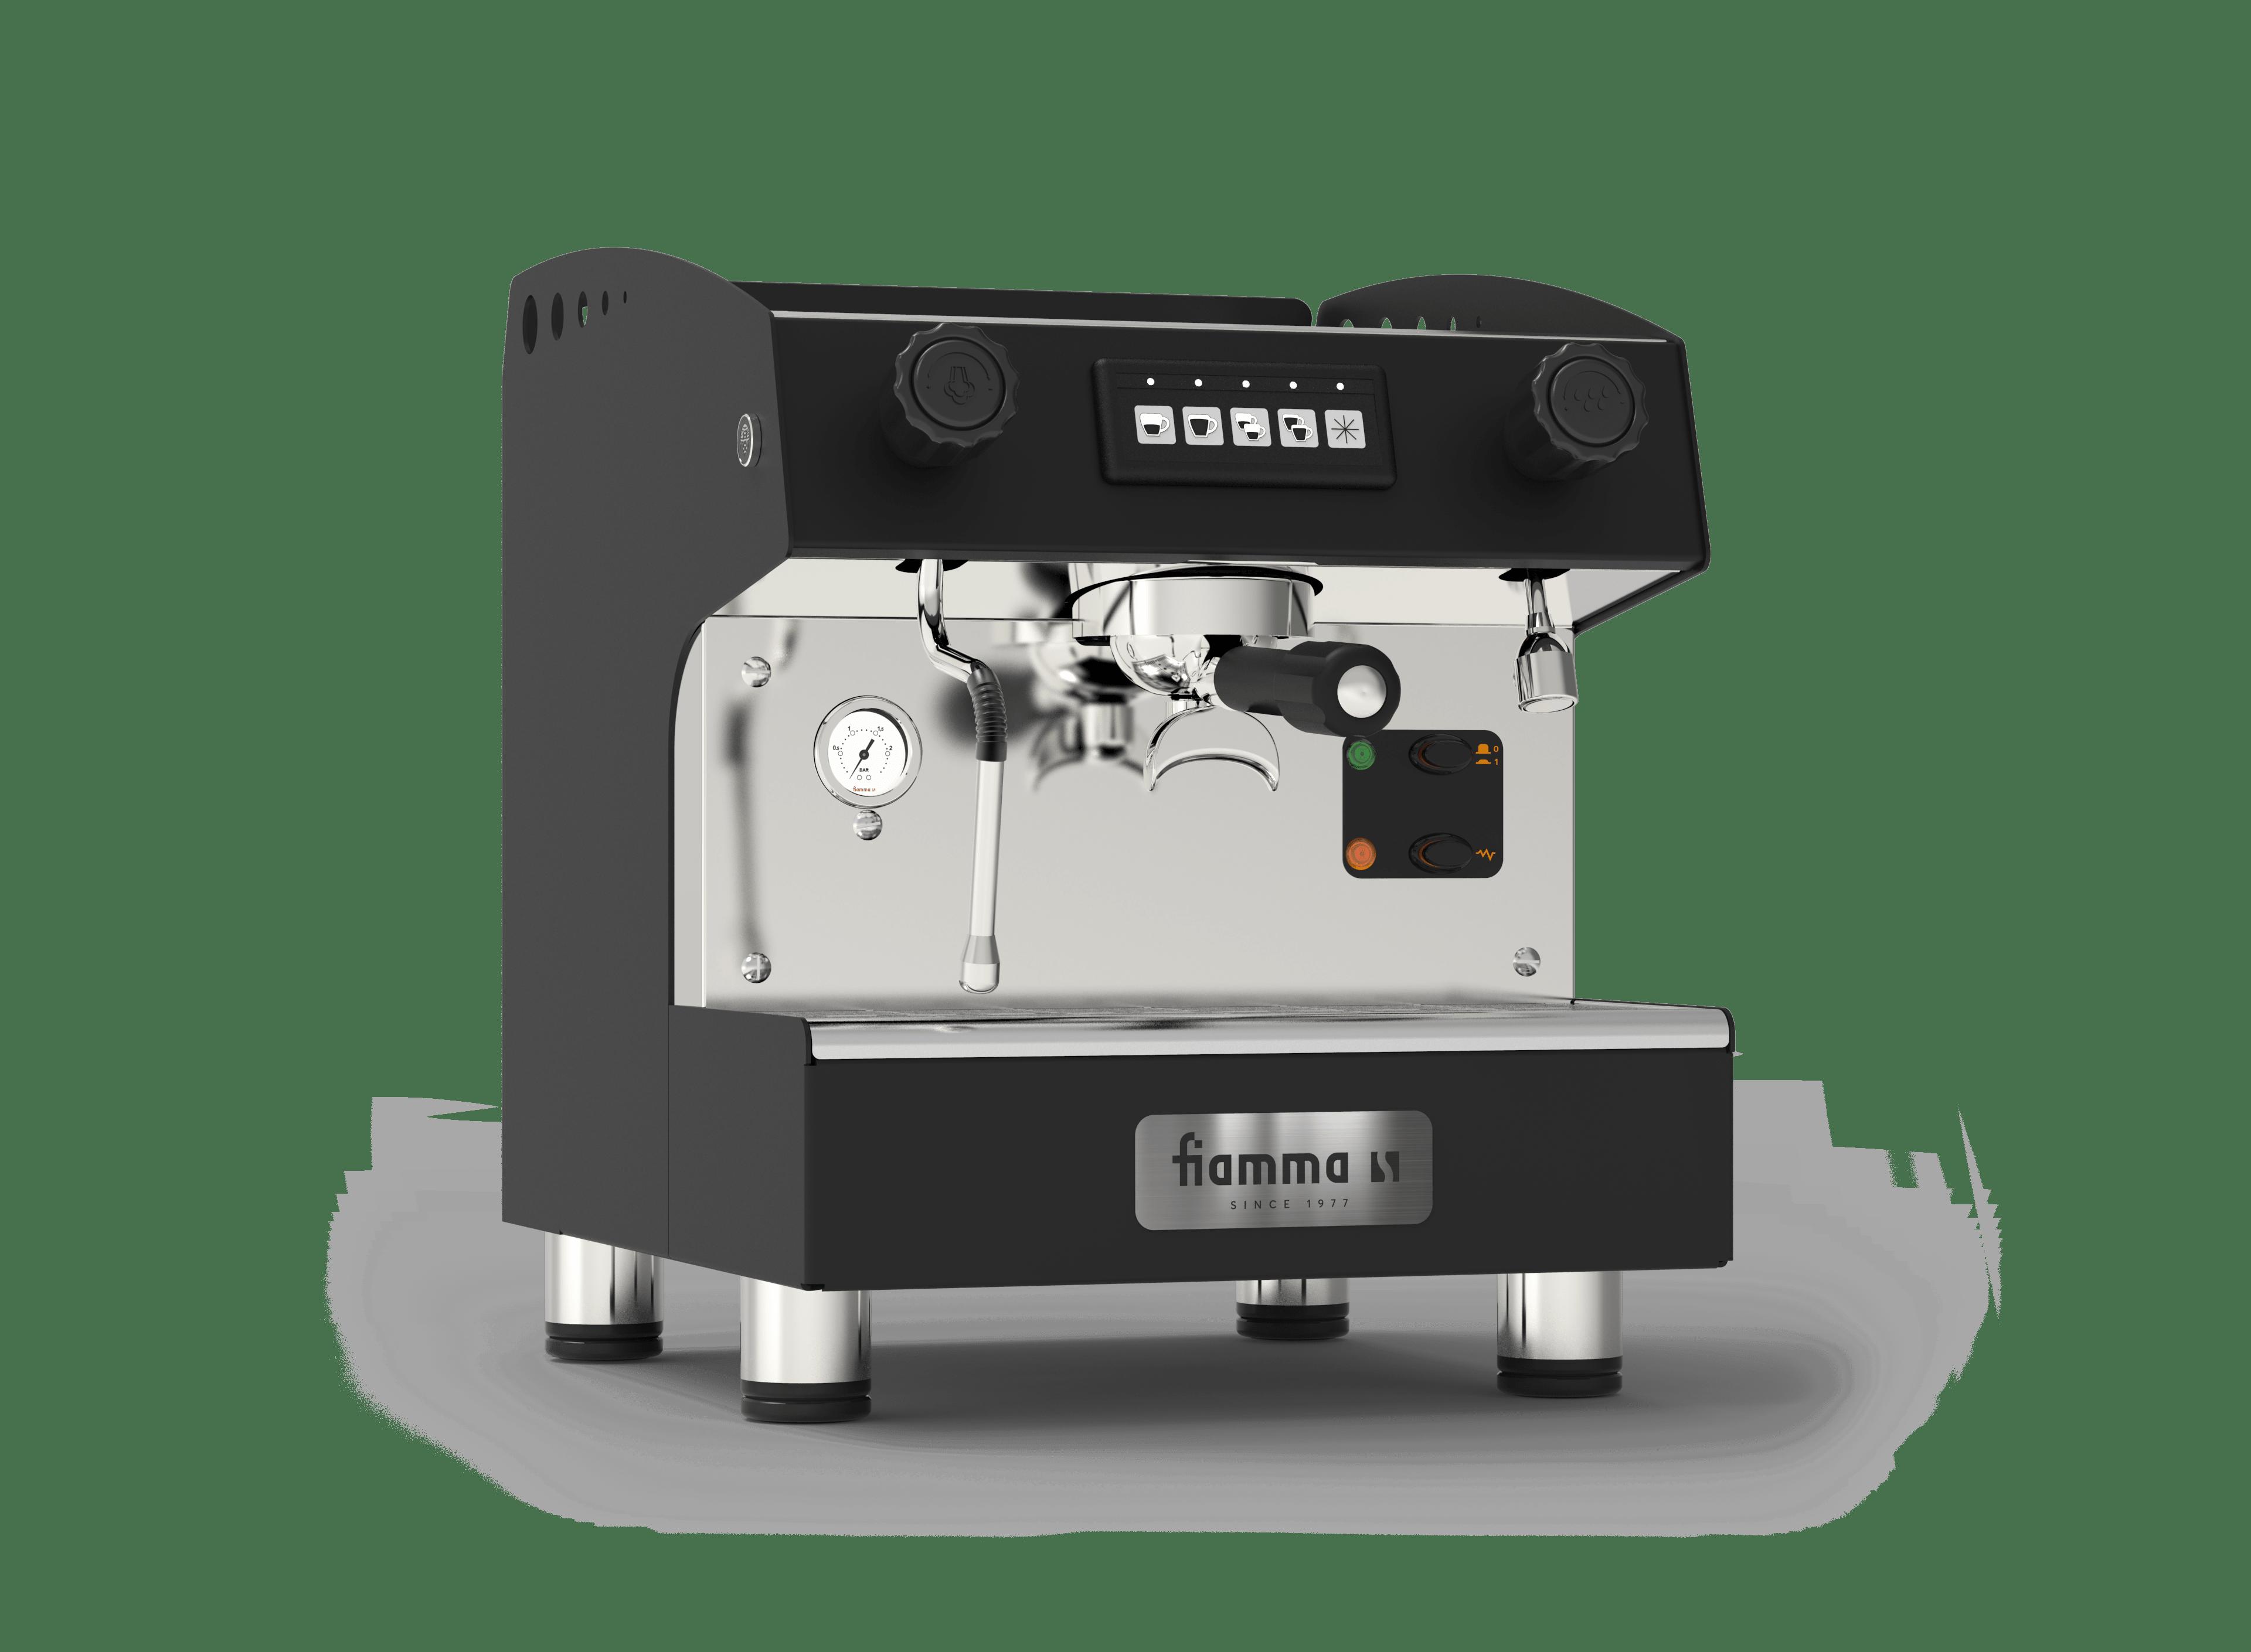 Fiamma Espresso Coffee Machine